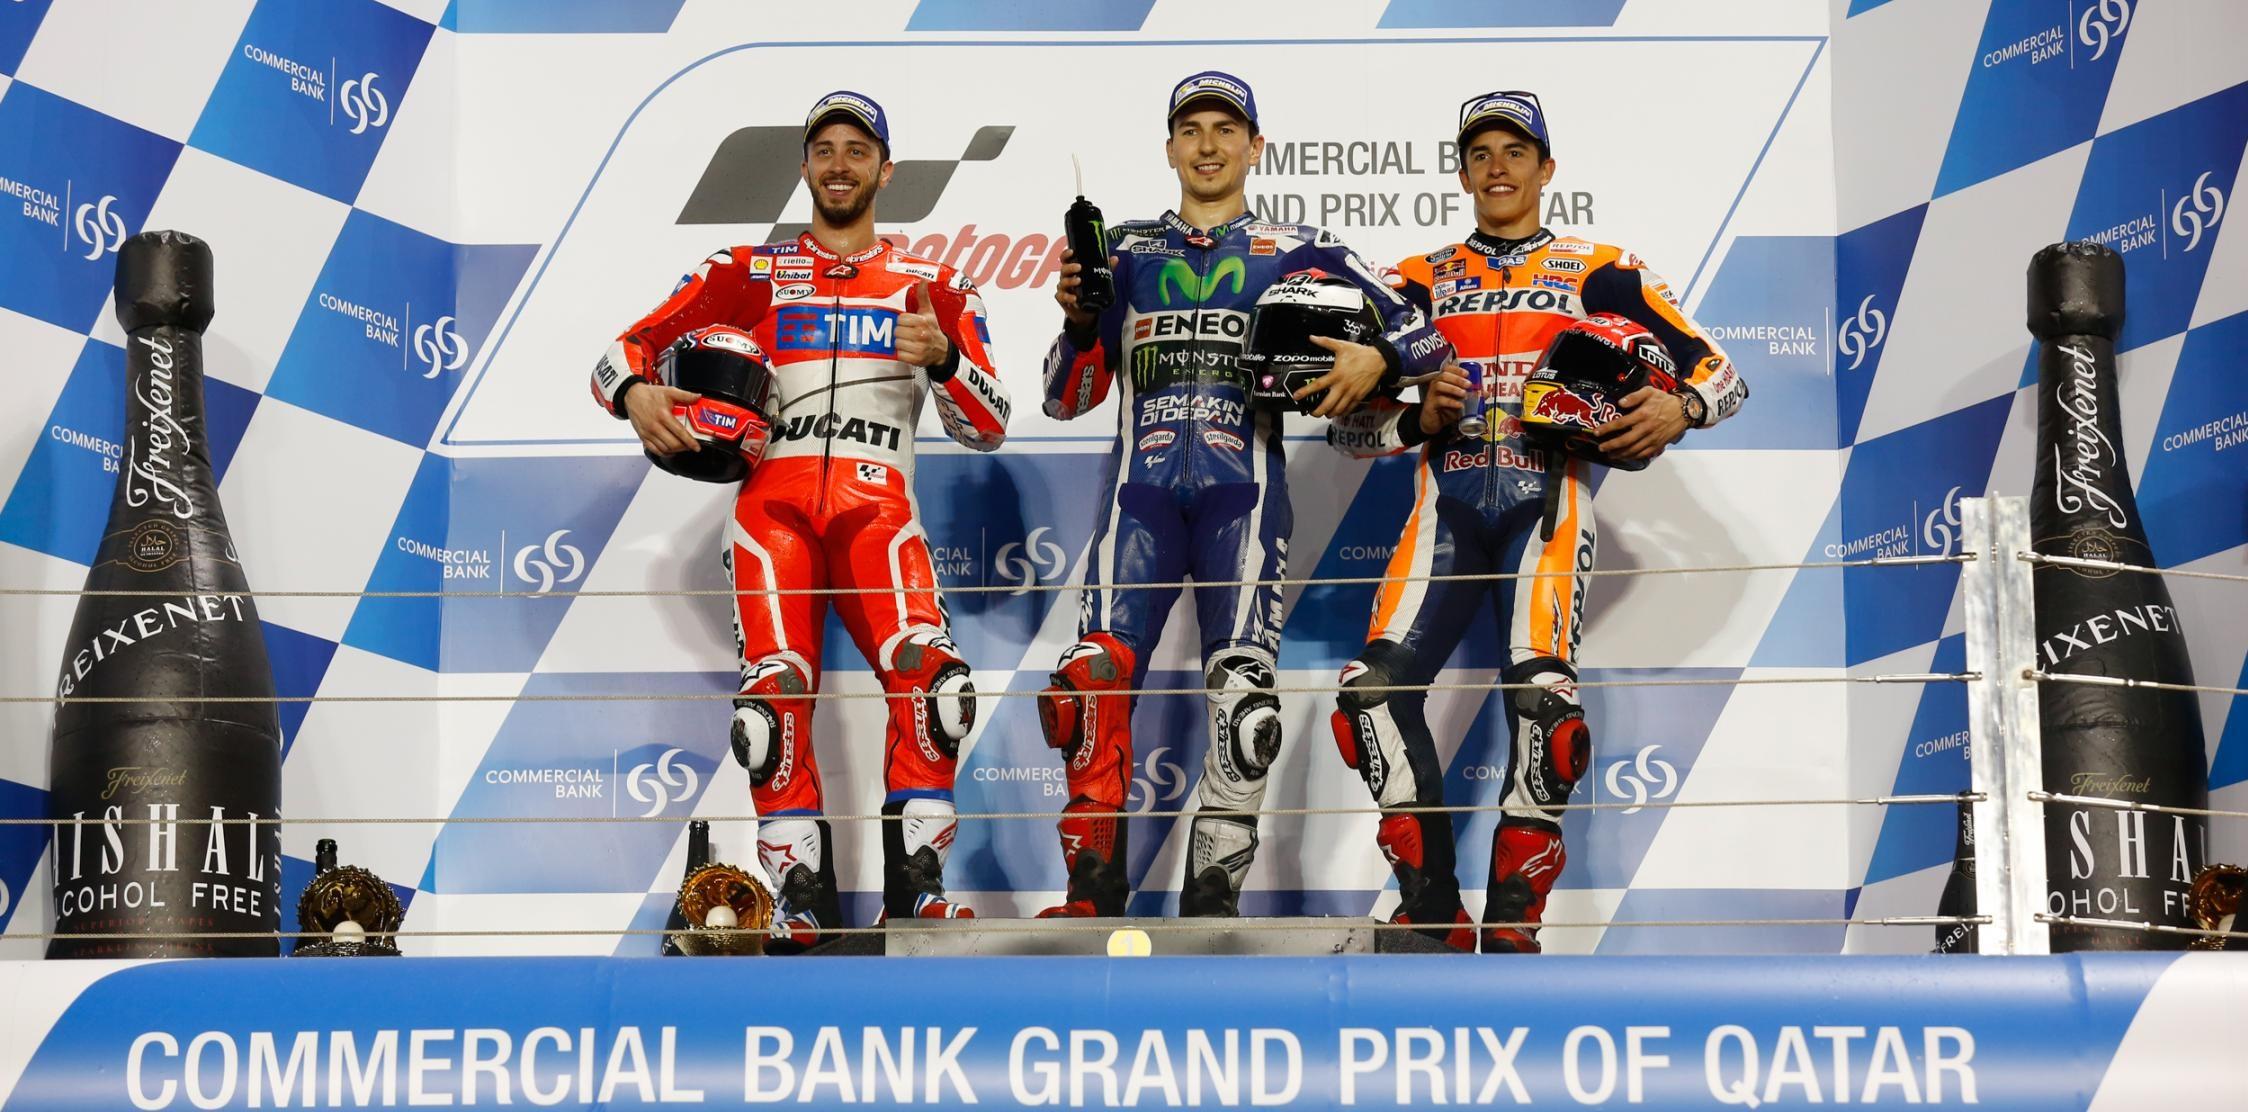 podium qatar motogp 2016